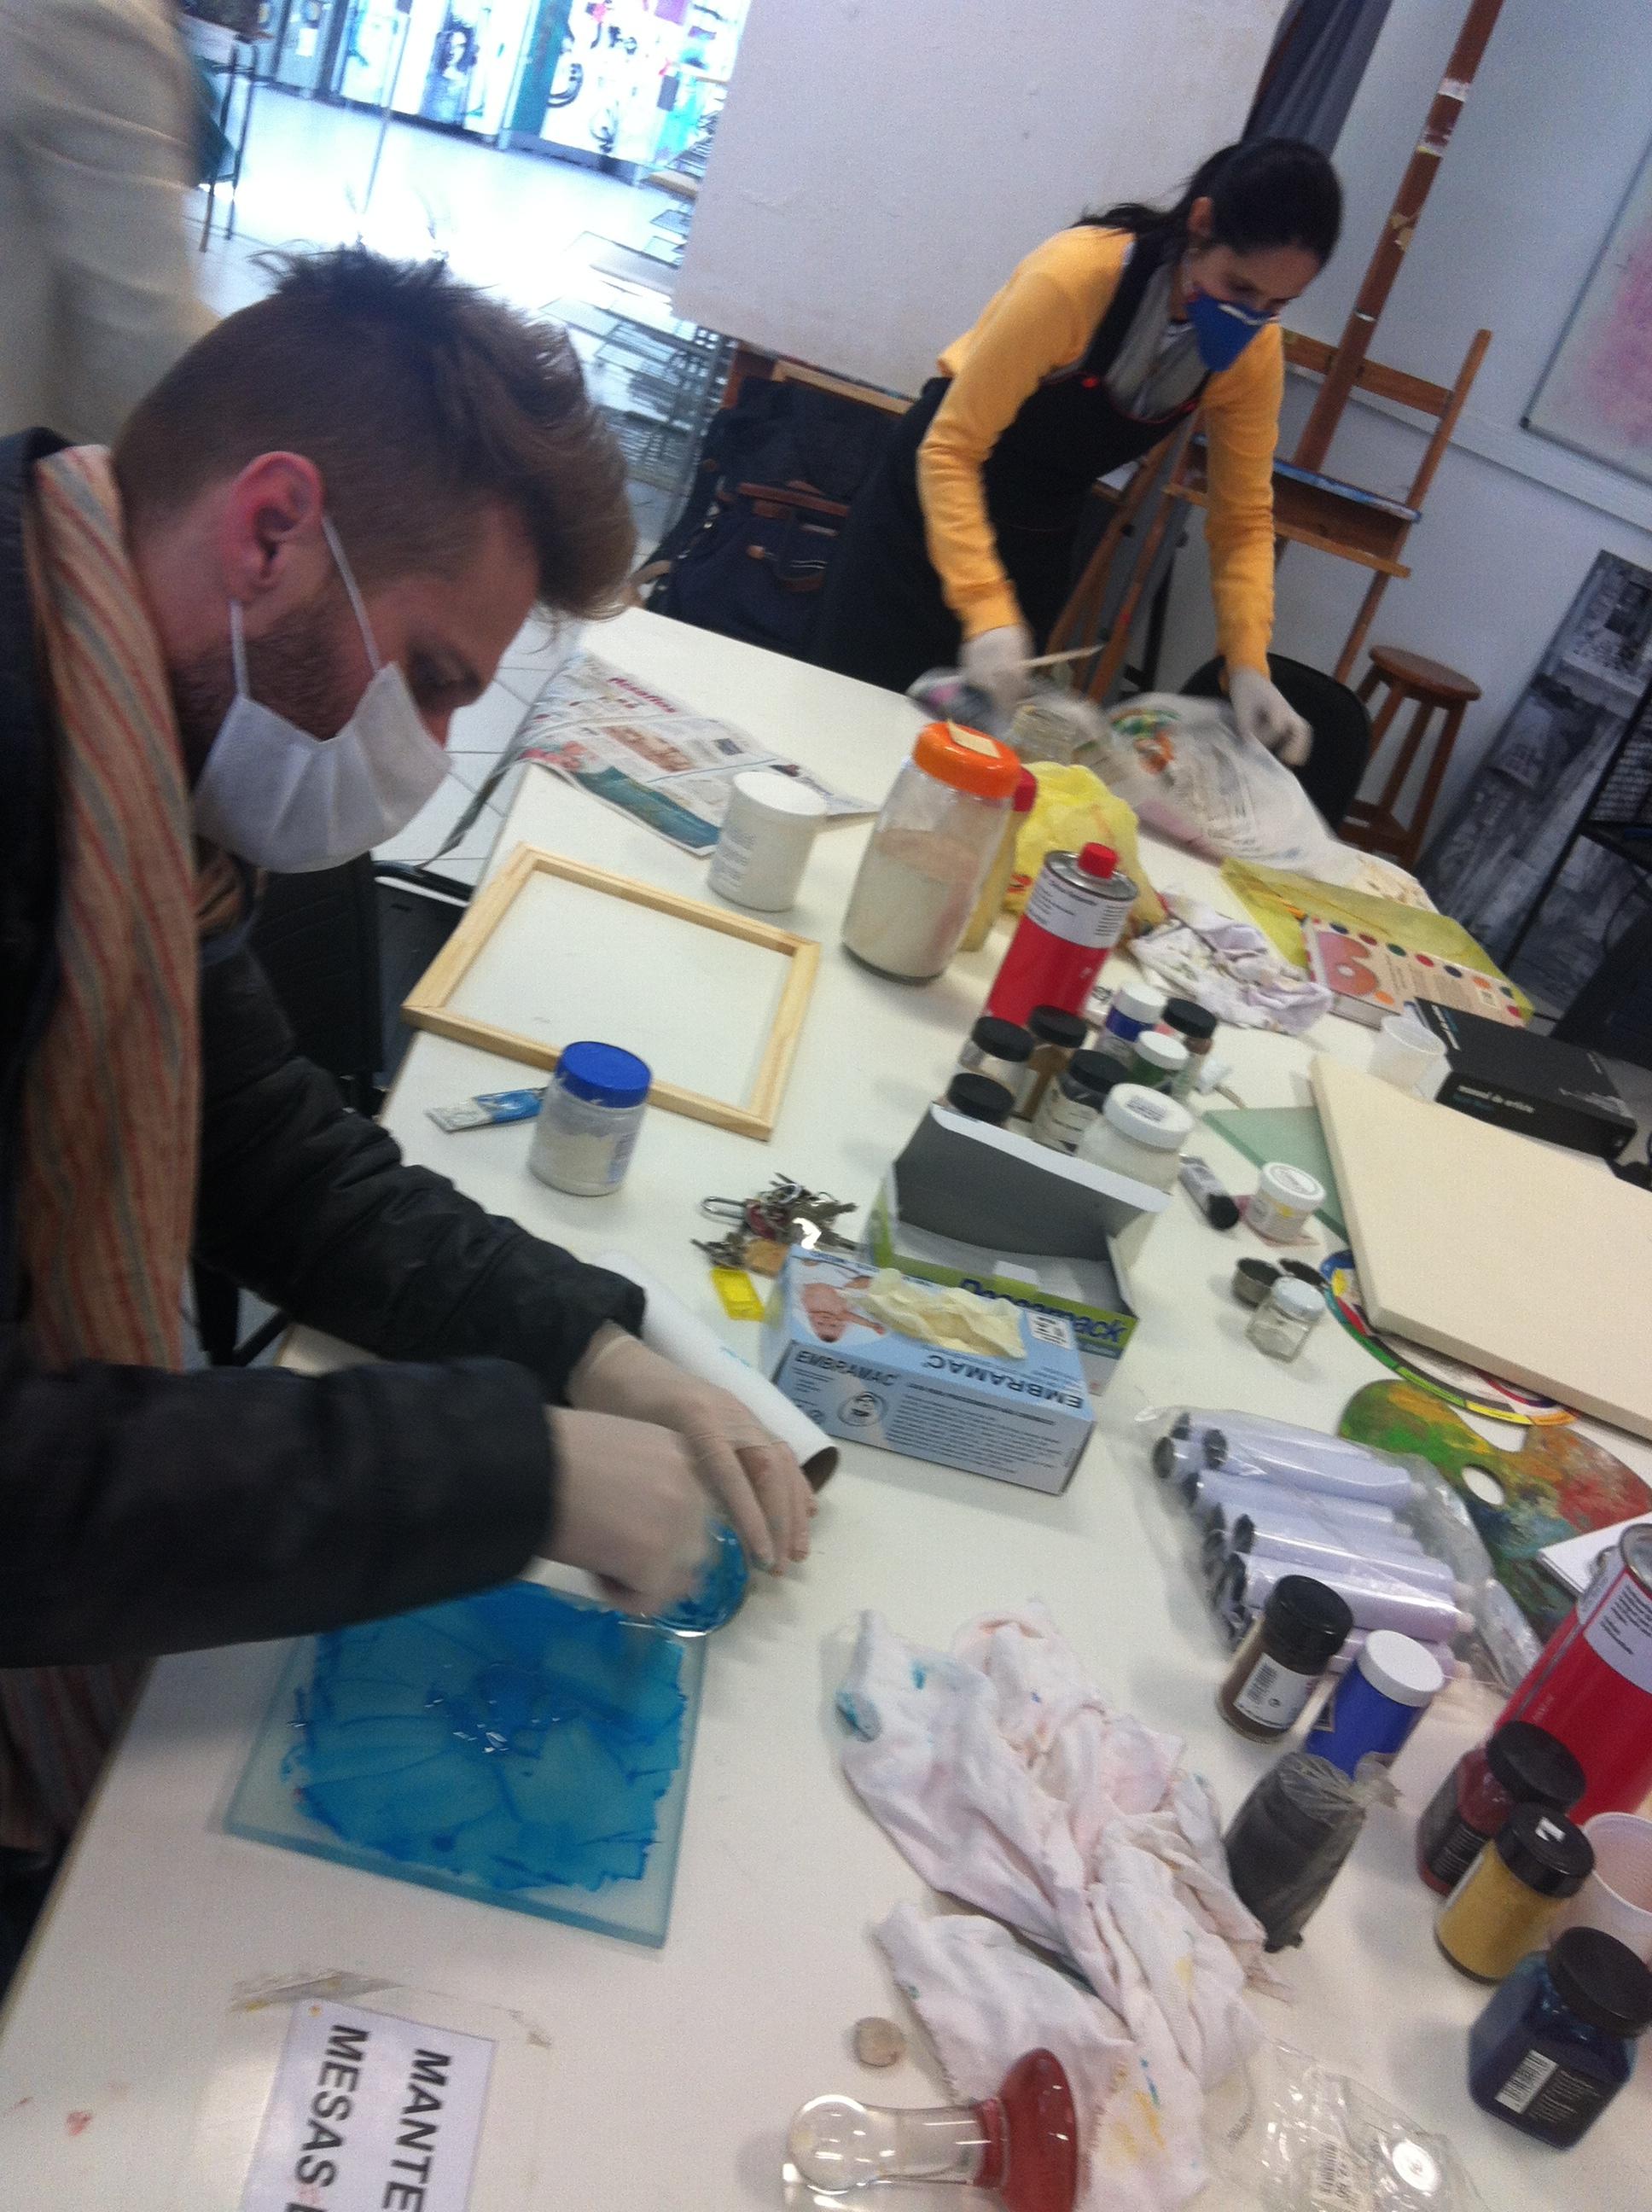 Encontro 17 : Tintas artesanais